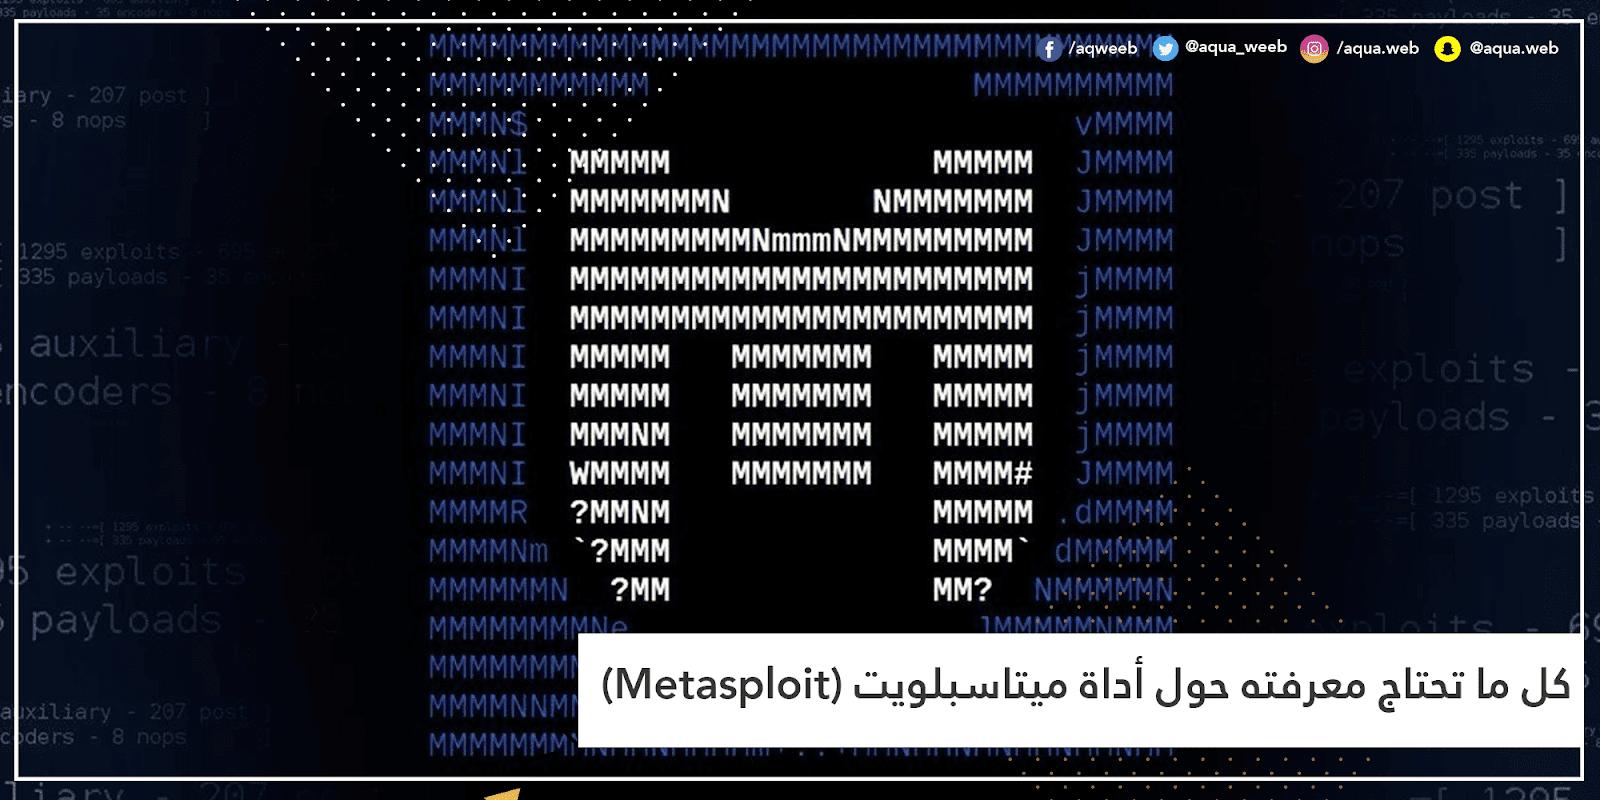 كل ما تحتاج معرفته حول أداة ميتاسبلويت (Metasploit)